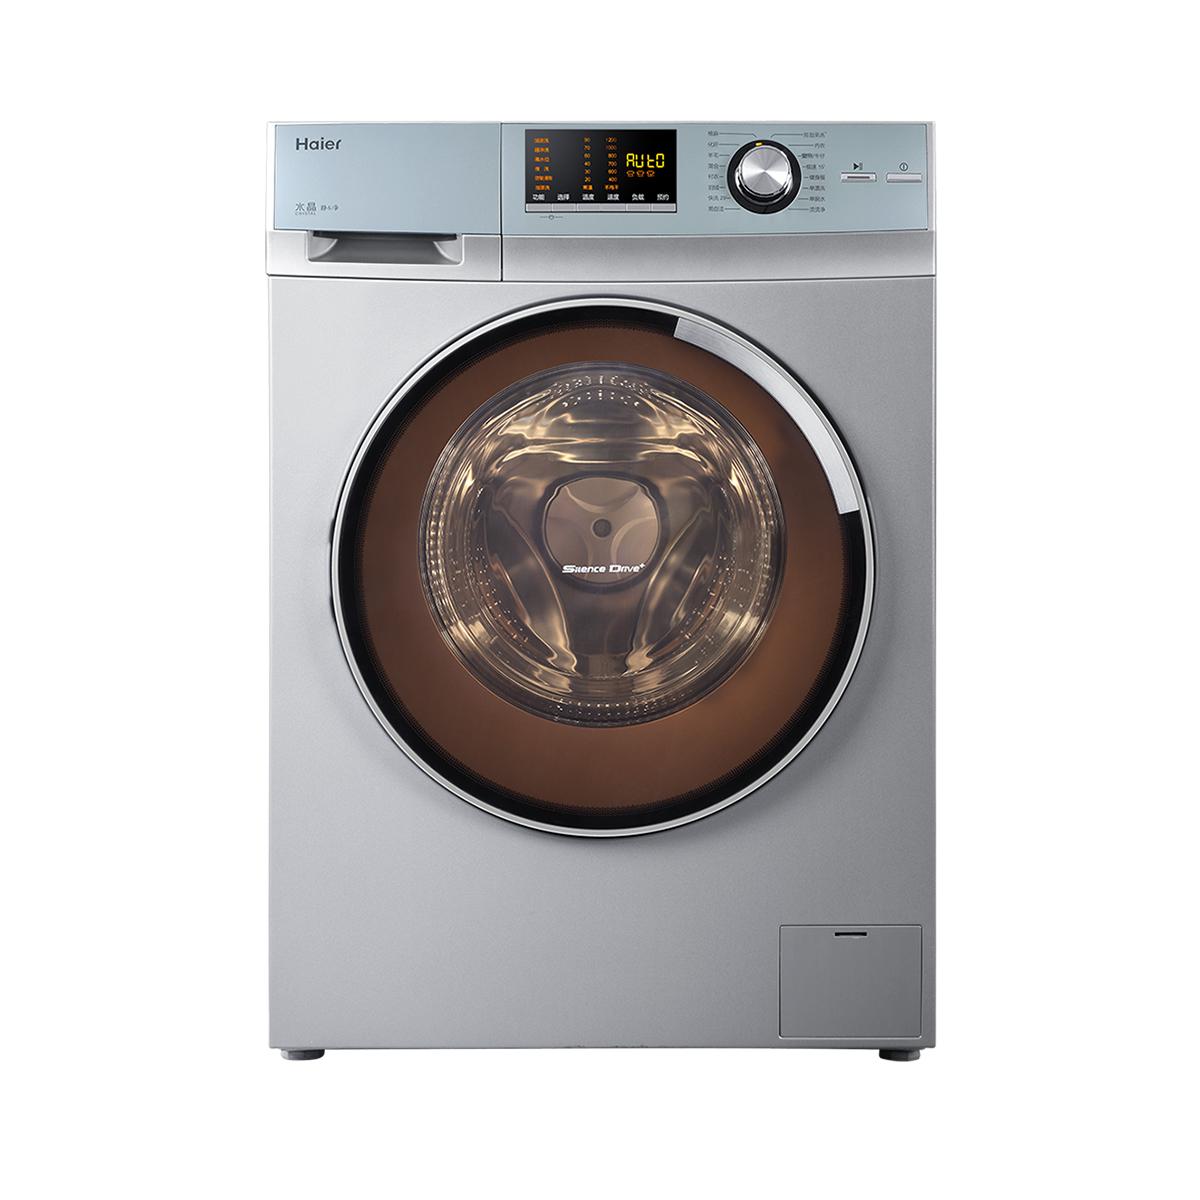 海尔Haier洗衣机 XQG60-B1226AB 说明书